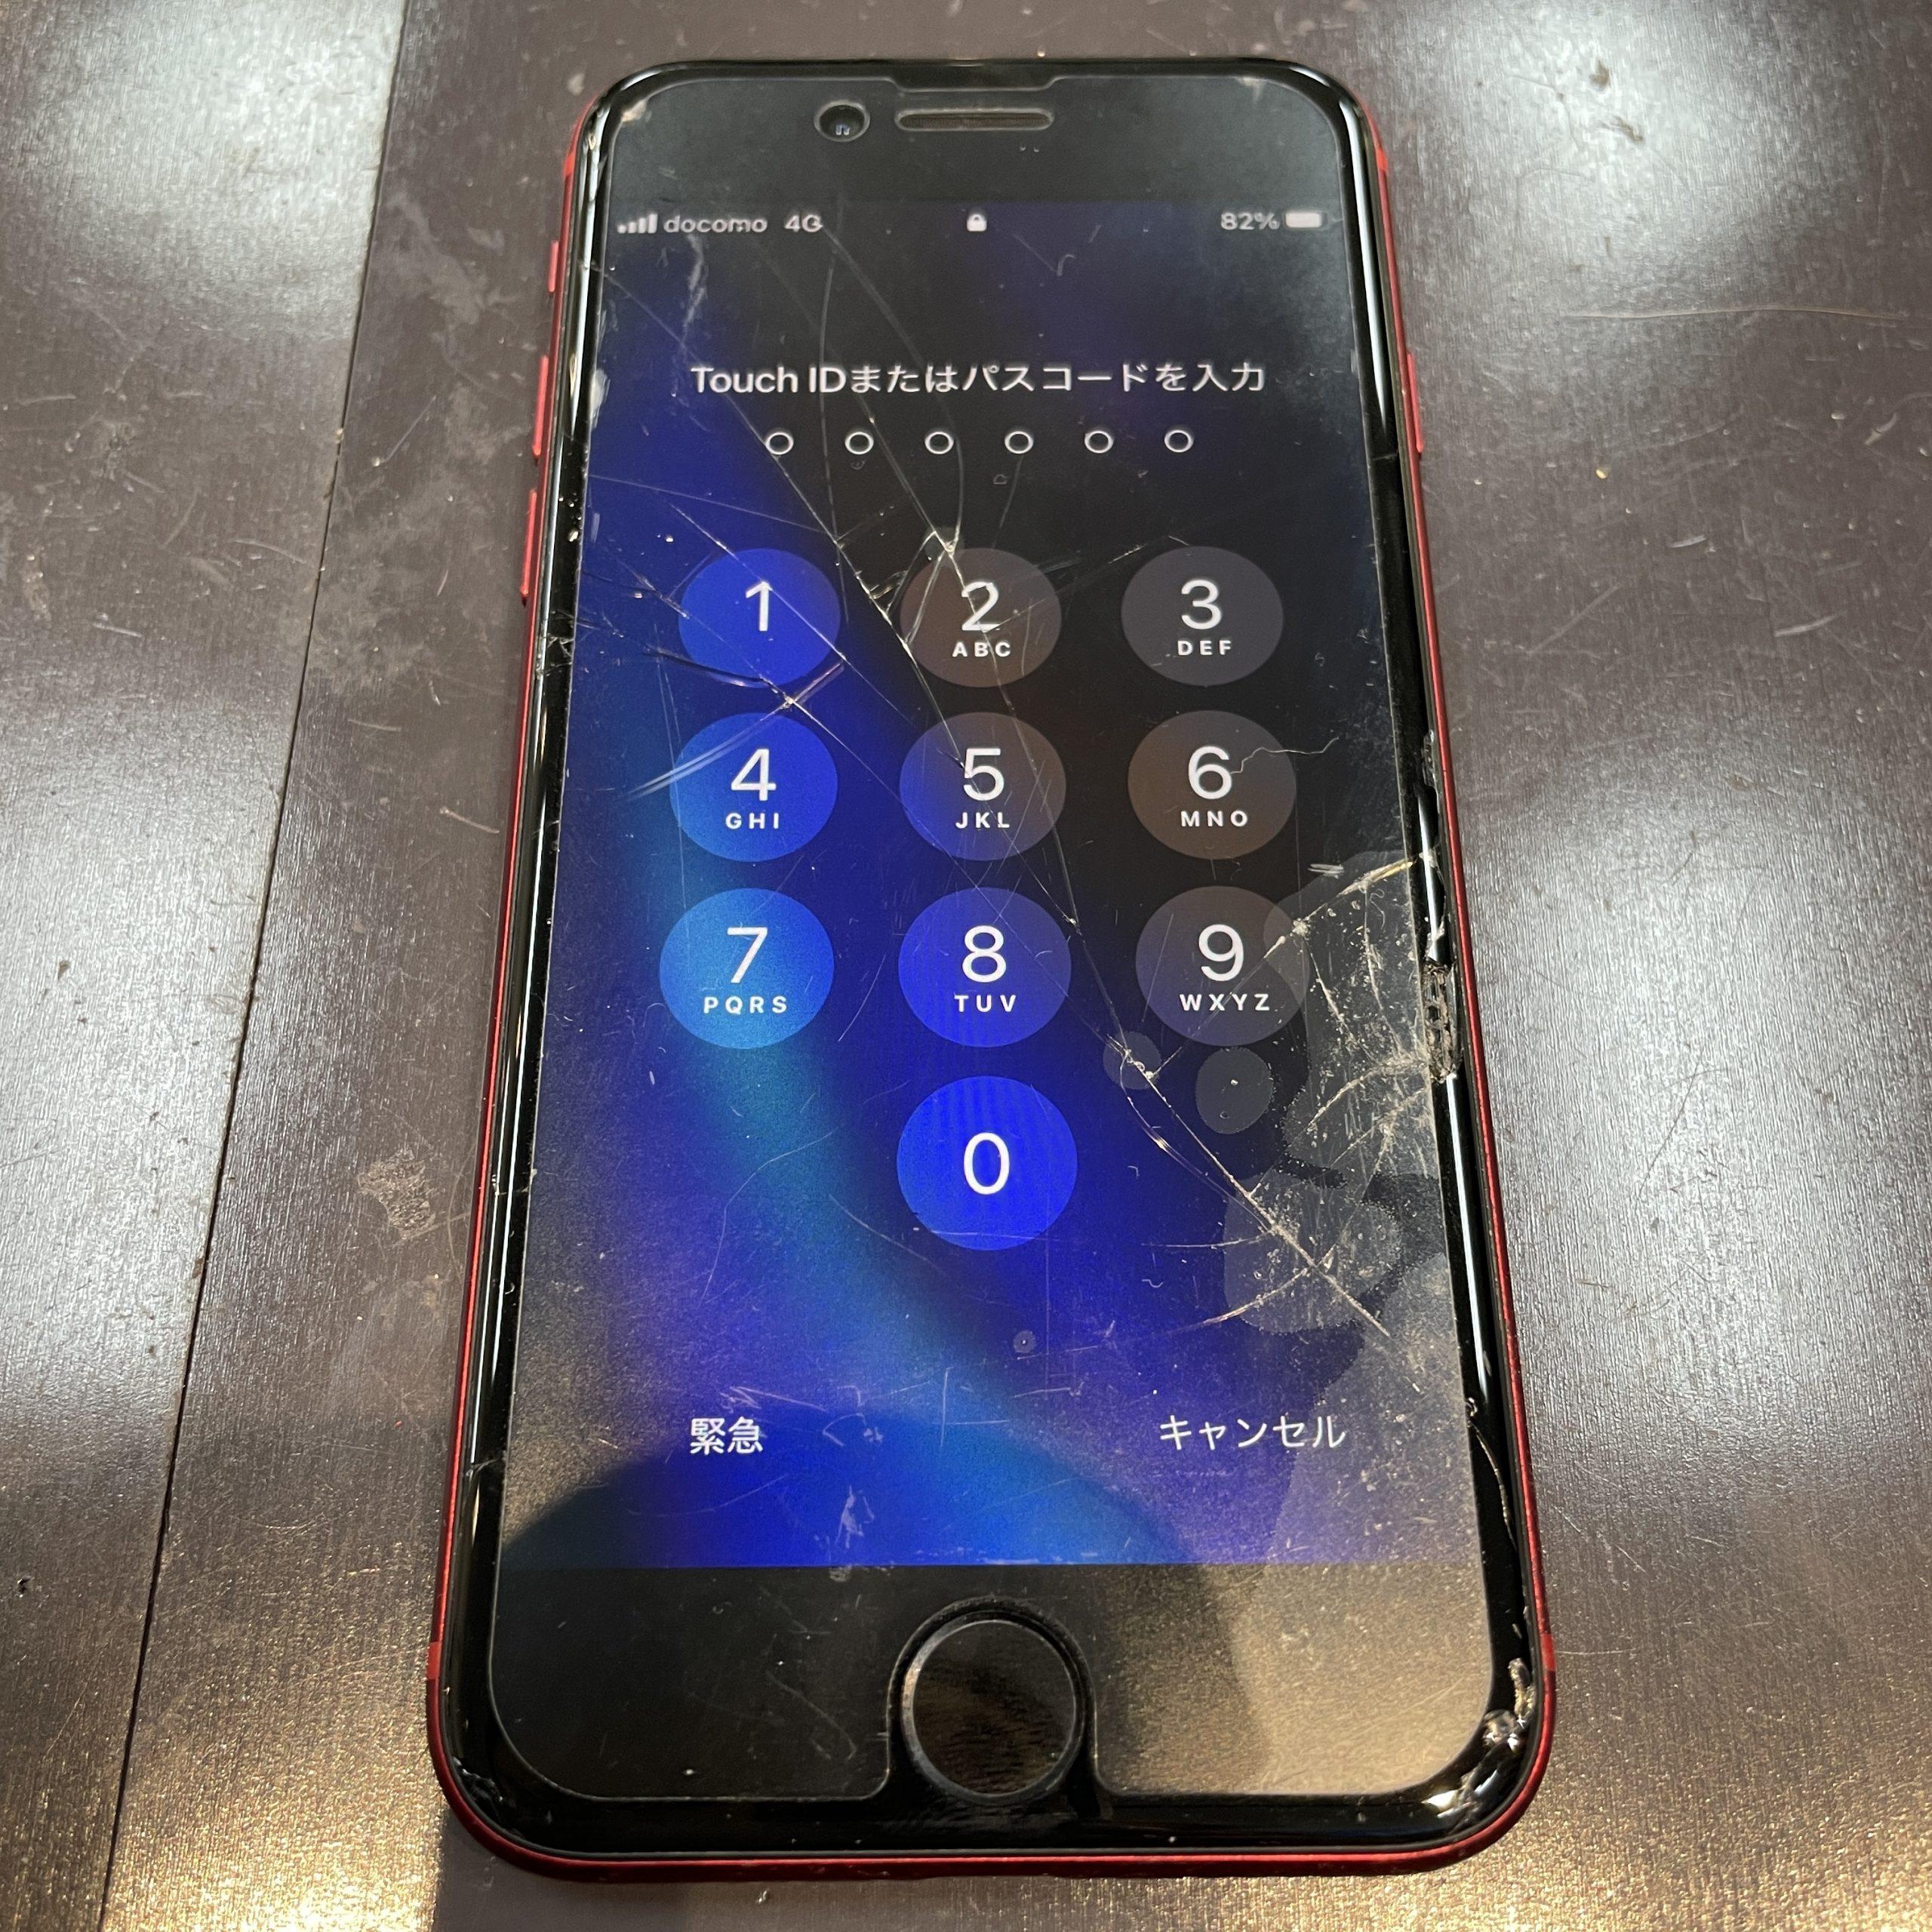 画面割れたまま使用するリスク💔【iPhone SE2|八女郡よりご来店】